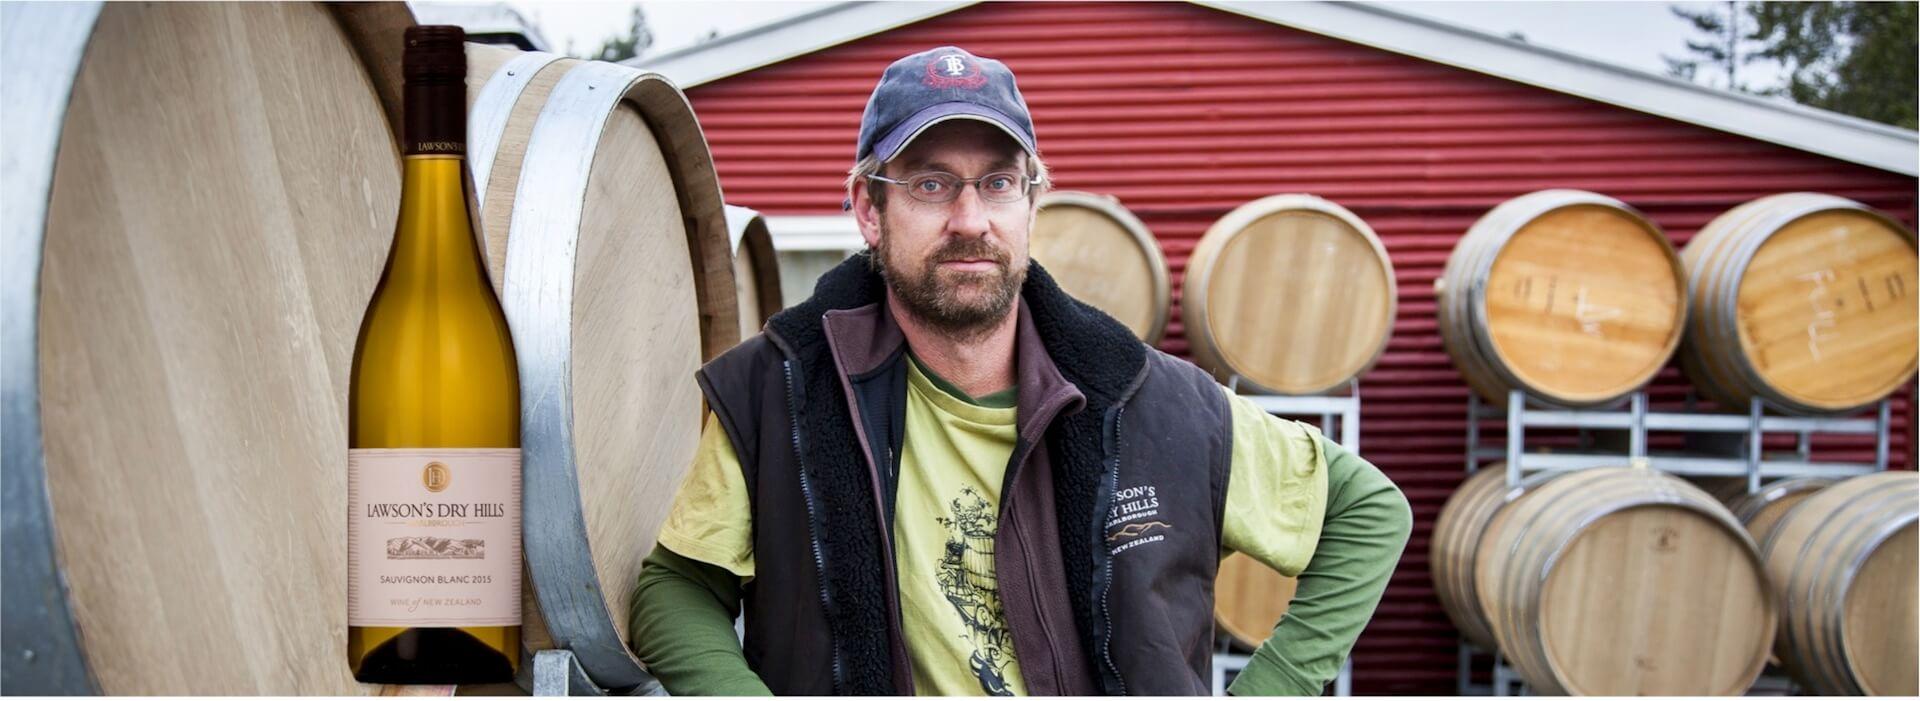 Frisch-aromatische Marlborough Weine von Lawson's Dry Hills